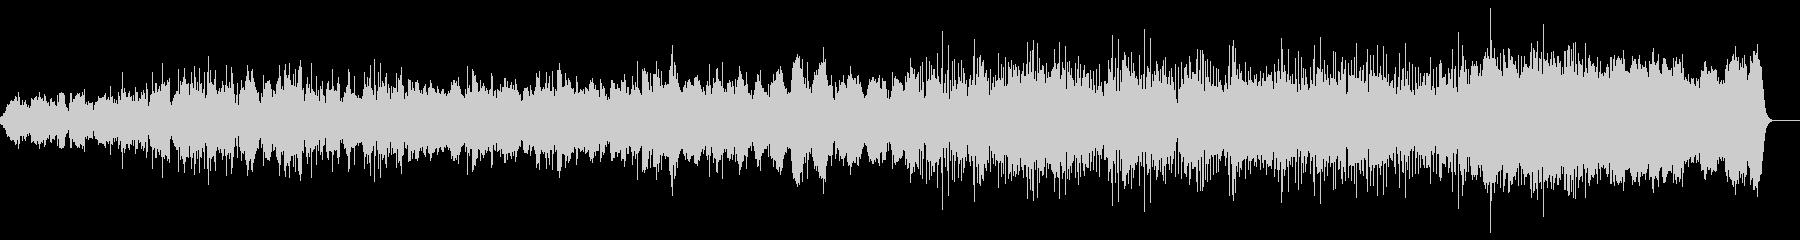 環境音、シンセ、フルート、ピアノ作品の未再生の波形